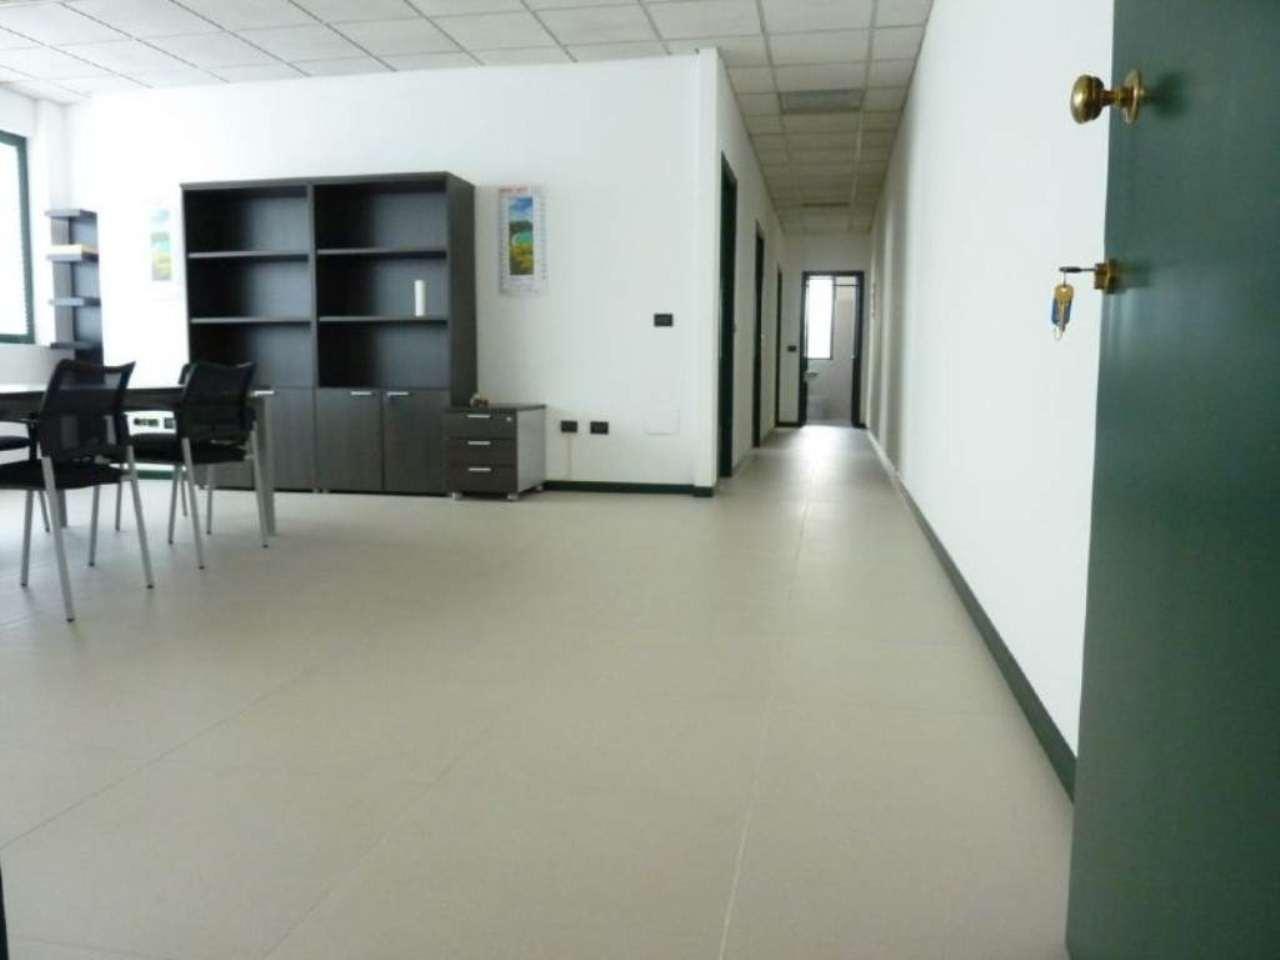 Ufficio / Studio in affitto a Villorba, 4 locali, prezzo € 600 | Cambio Casa.it